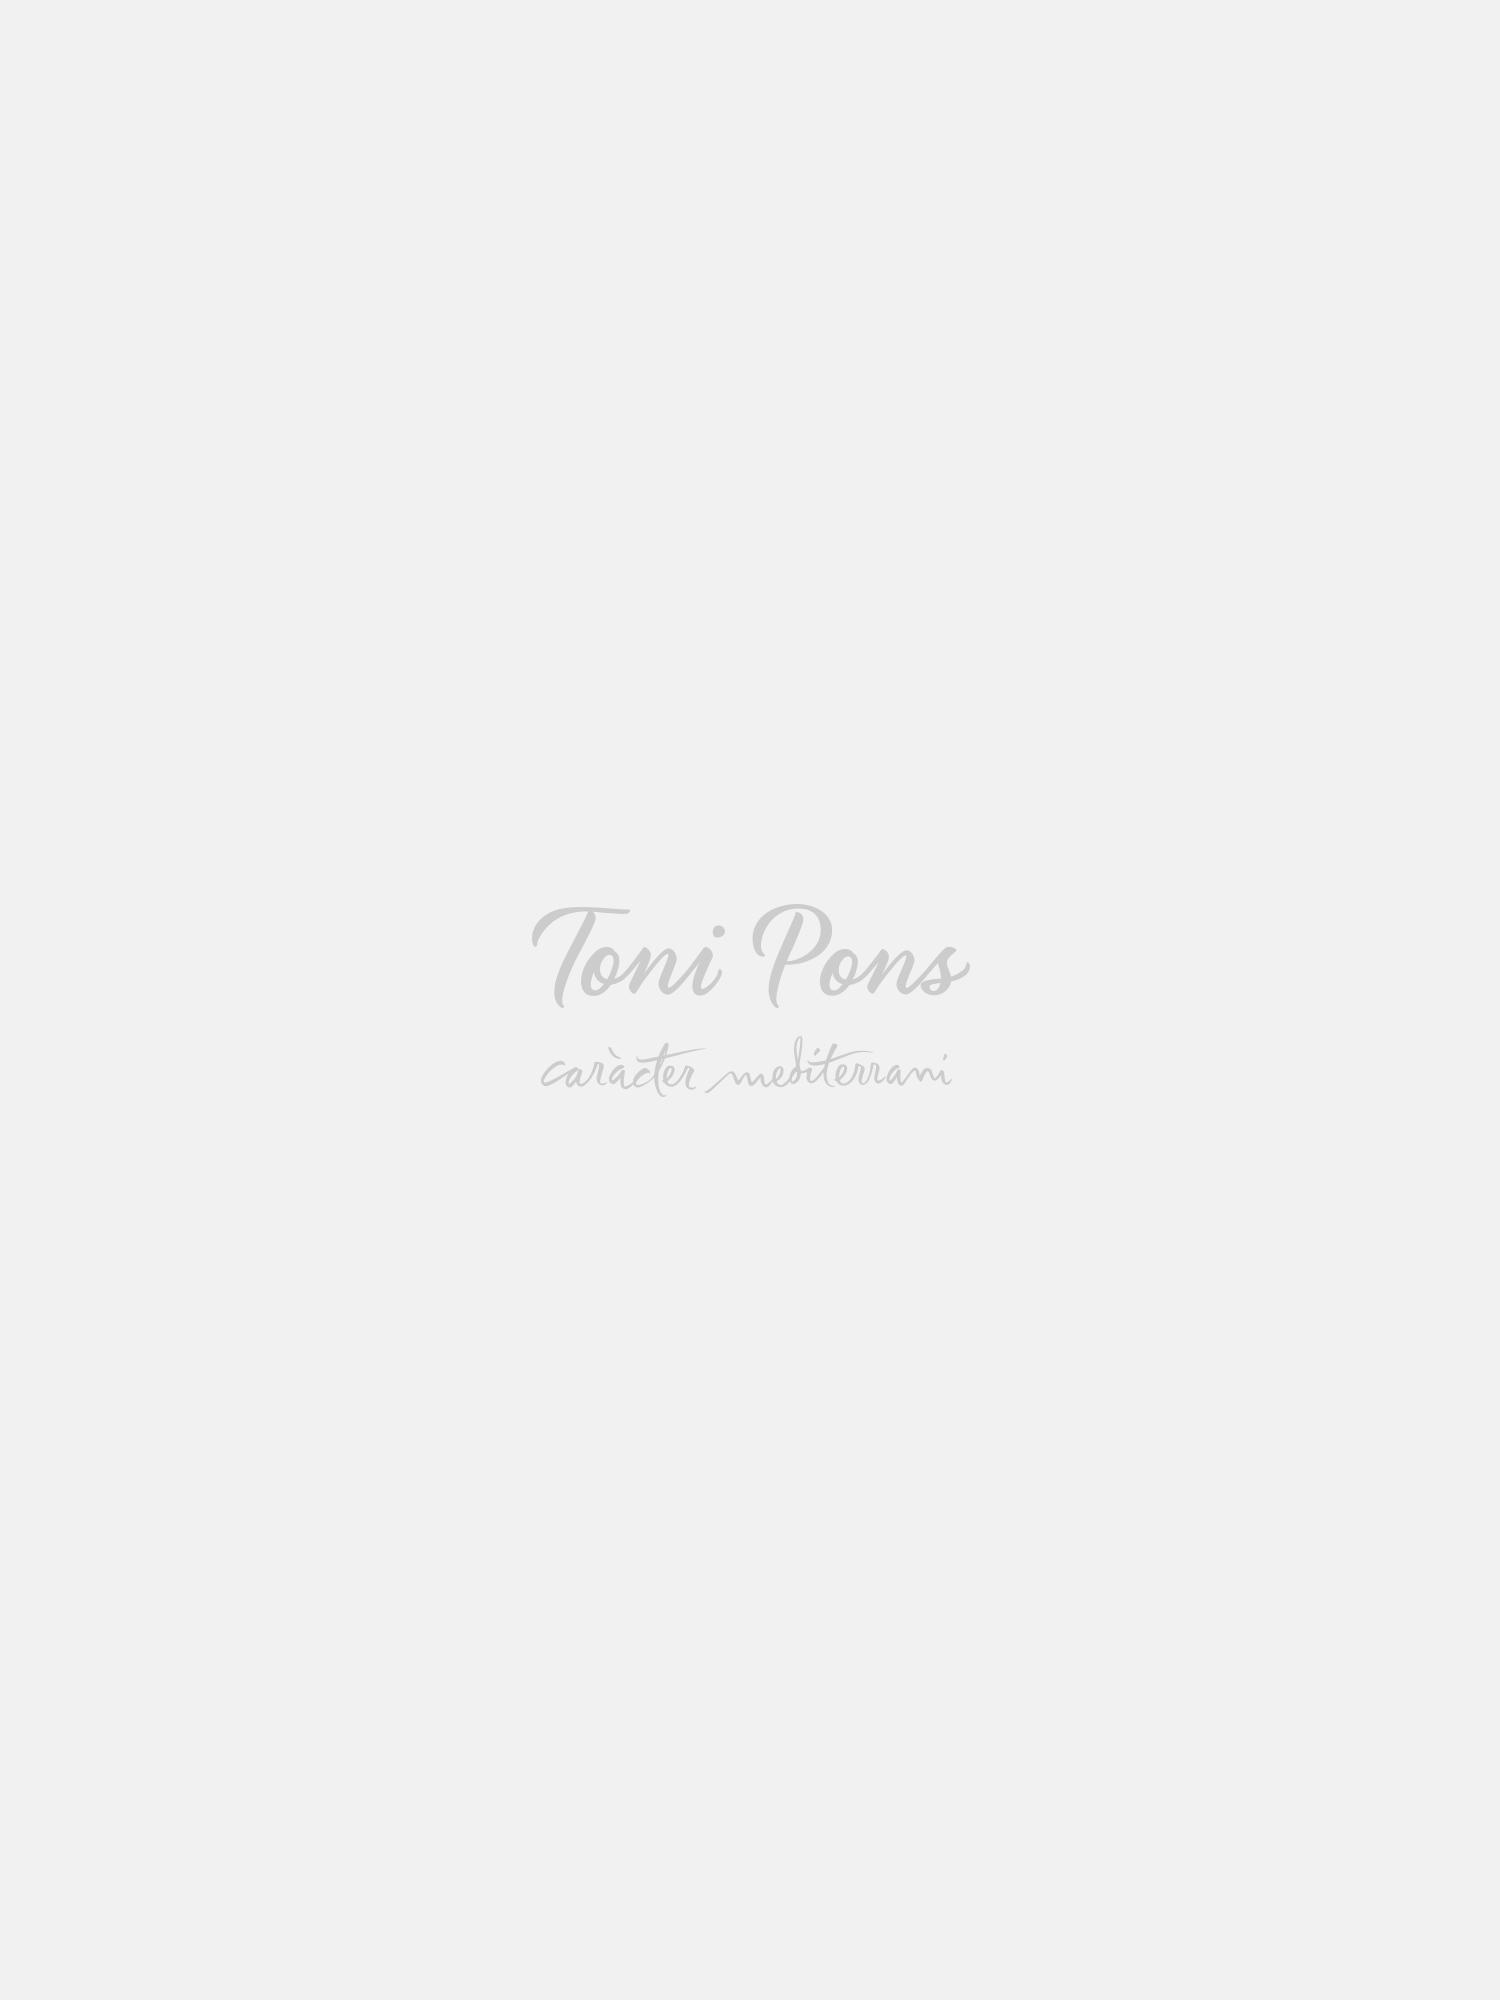 Toni Pons Croacia Espadrilles Noir BE9ATY4ex